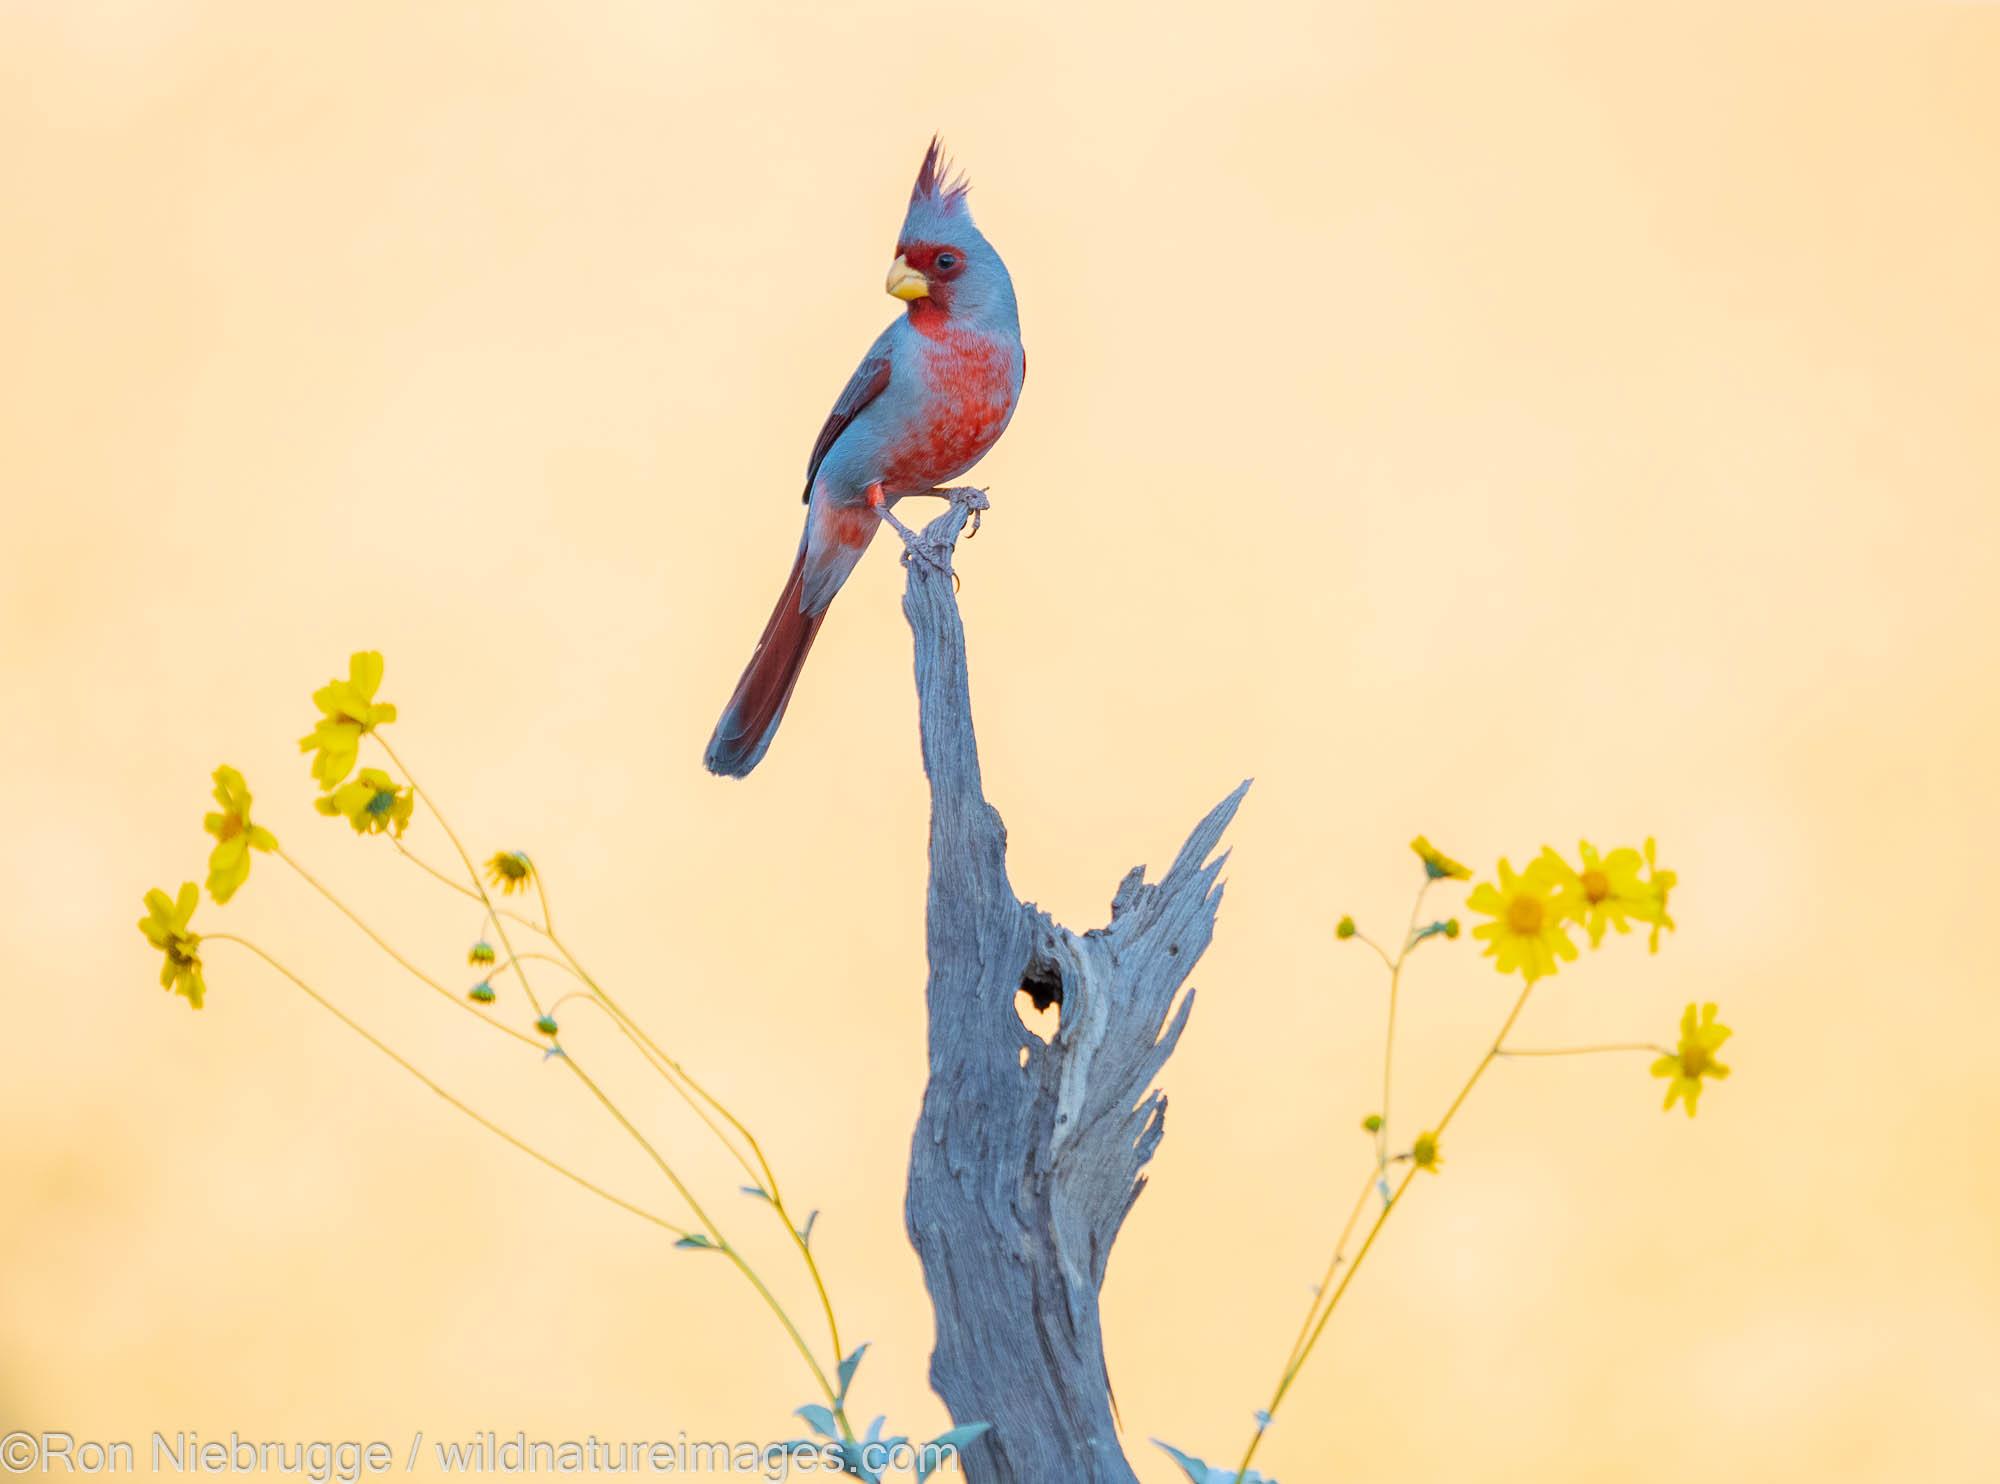 Pyrrholoxia, Marana, near Tucson, Arizona.